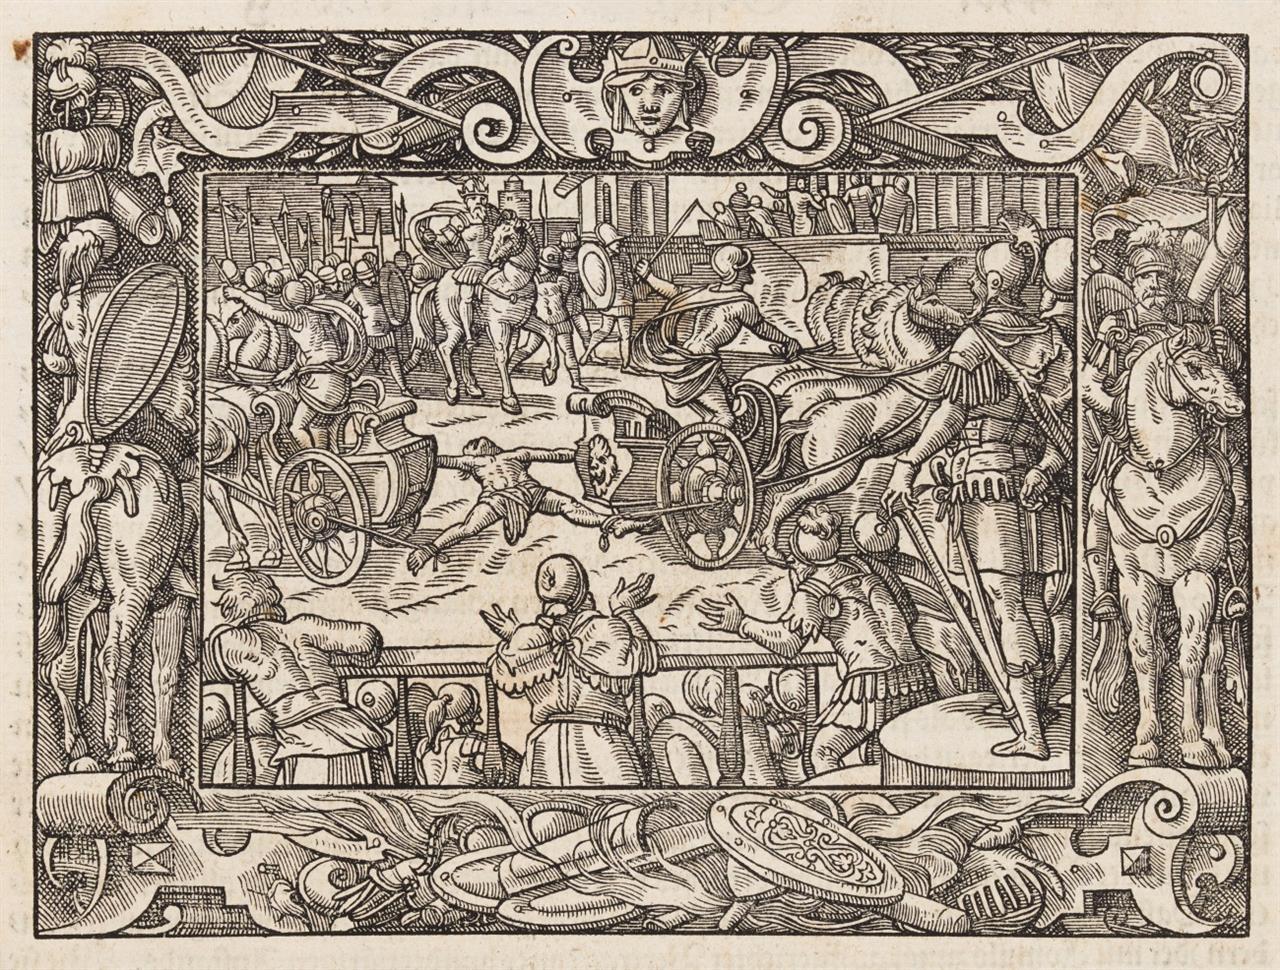 Titus Livius u. Lucius Florus,  Römische Historien. Straßburg 1575.